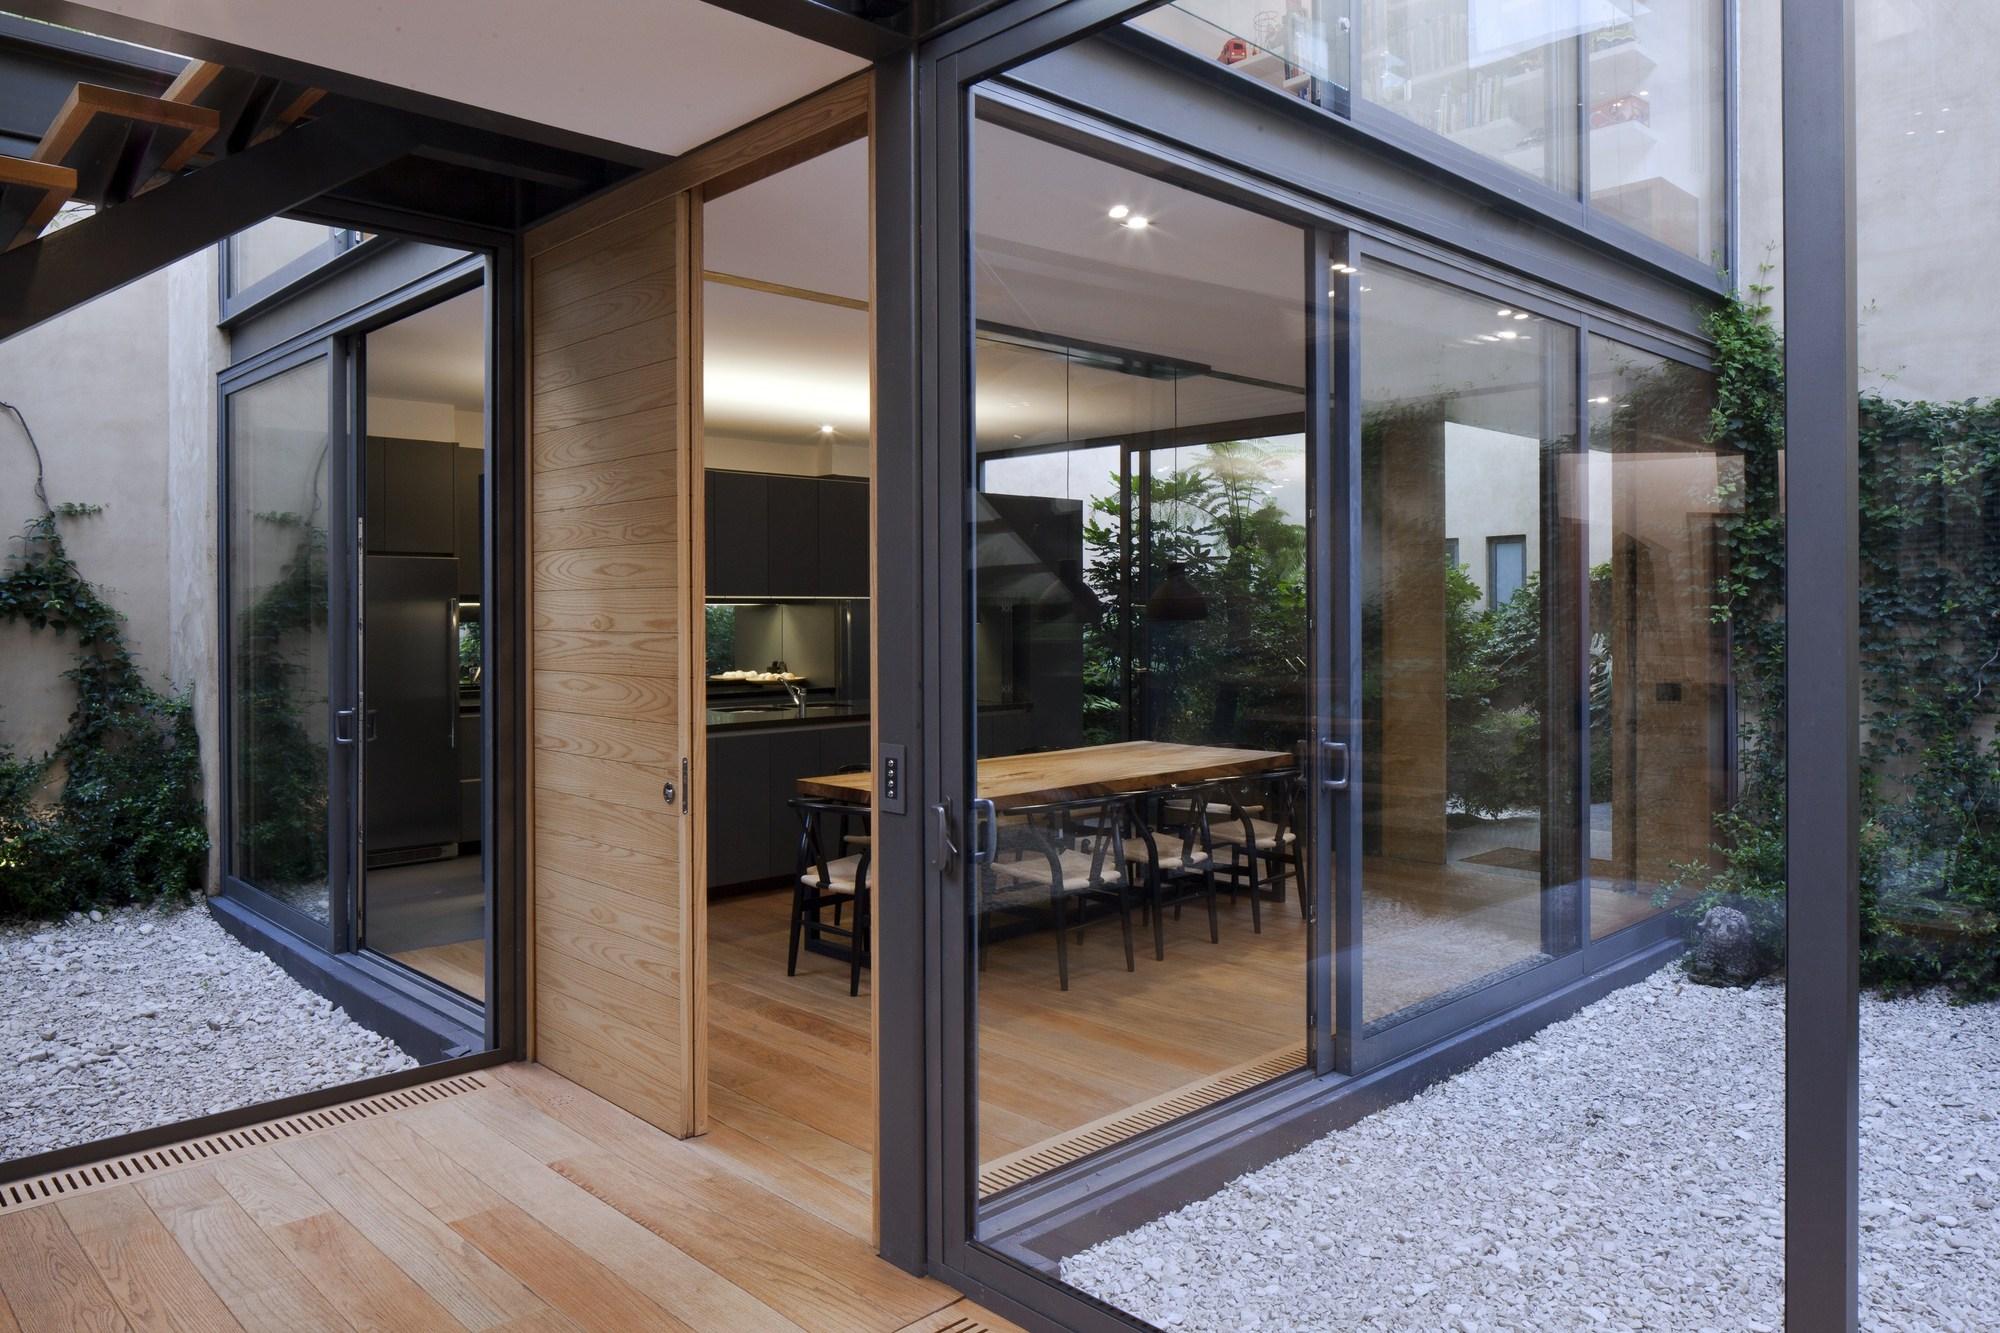 Galer a de casa de los cuatro patios andr s stebelski - Casas estructura metalica ...